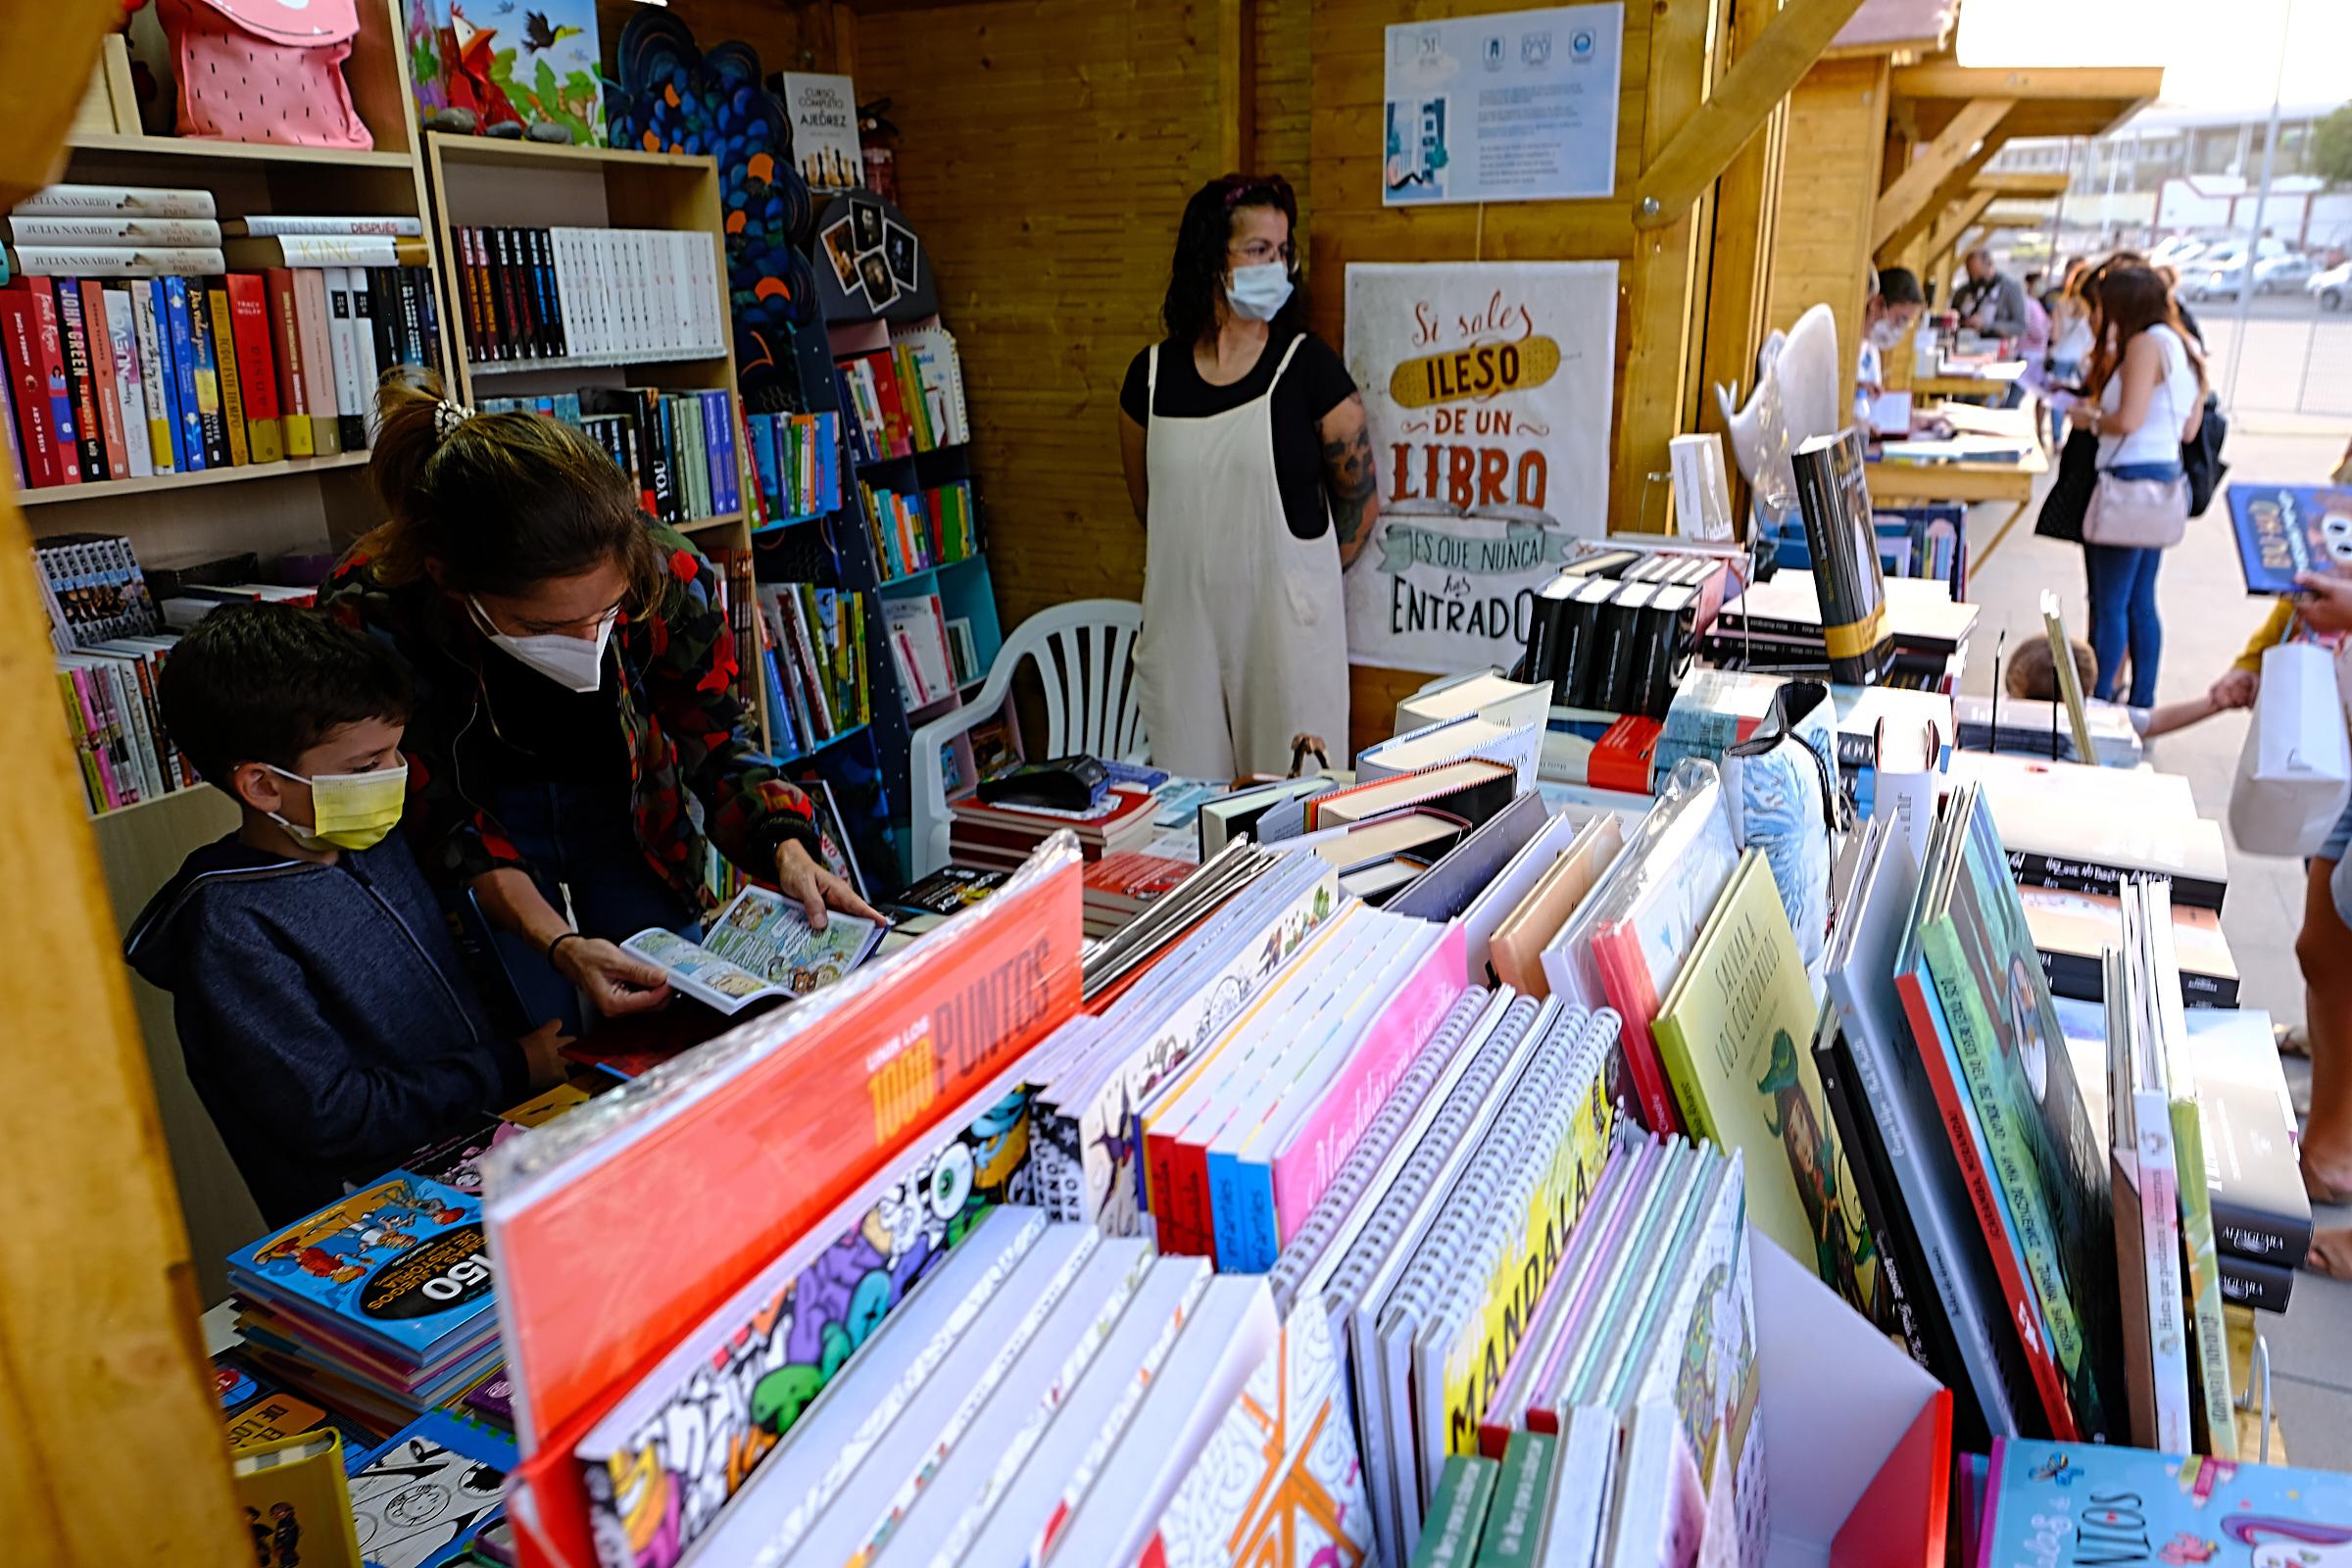 211014_ftv_feriadellibro-25 Arranca la Feria del Libro con el pregón de Cecilia Domínguez